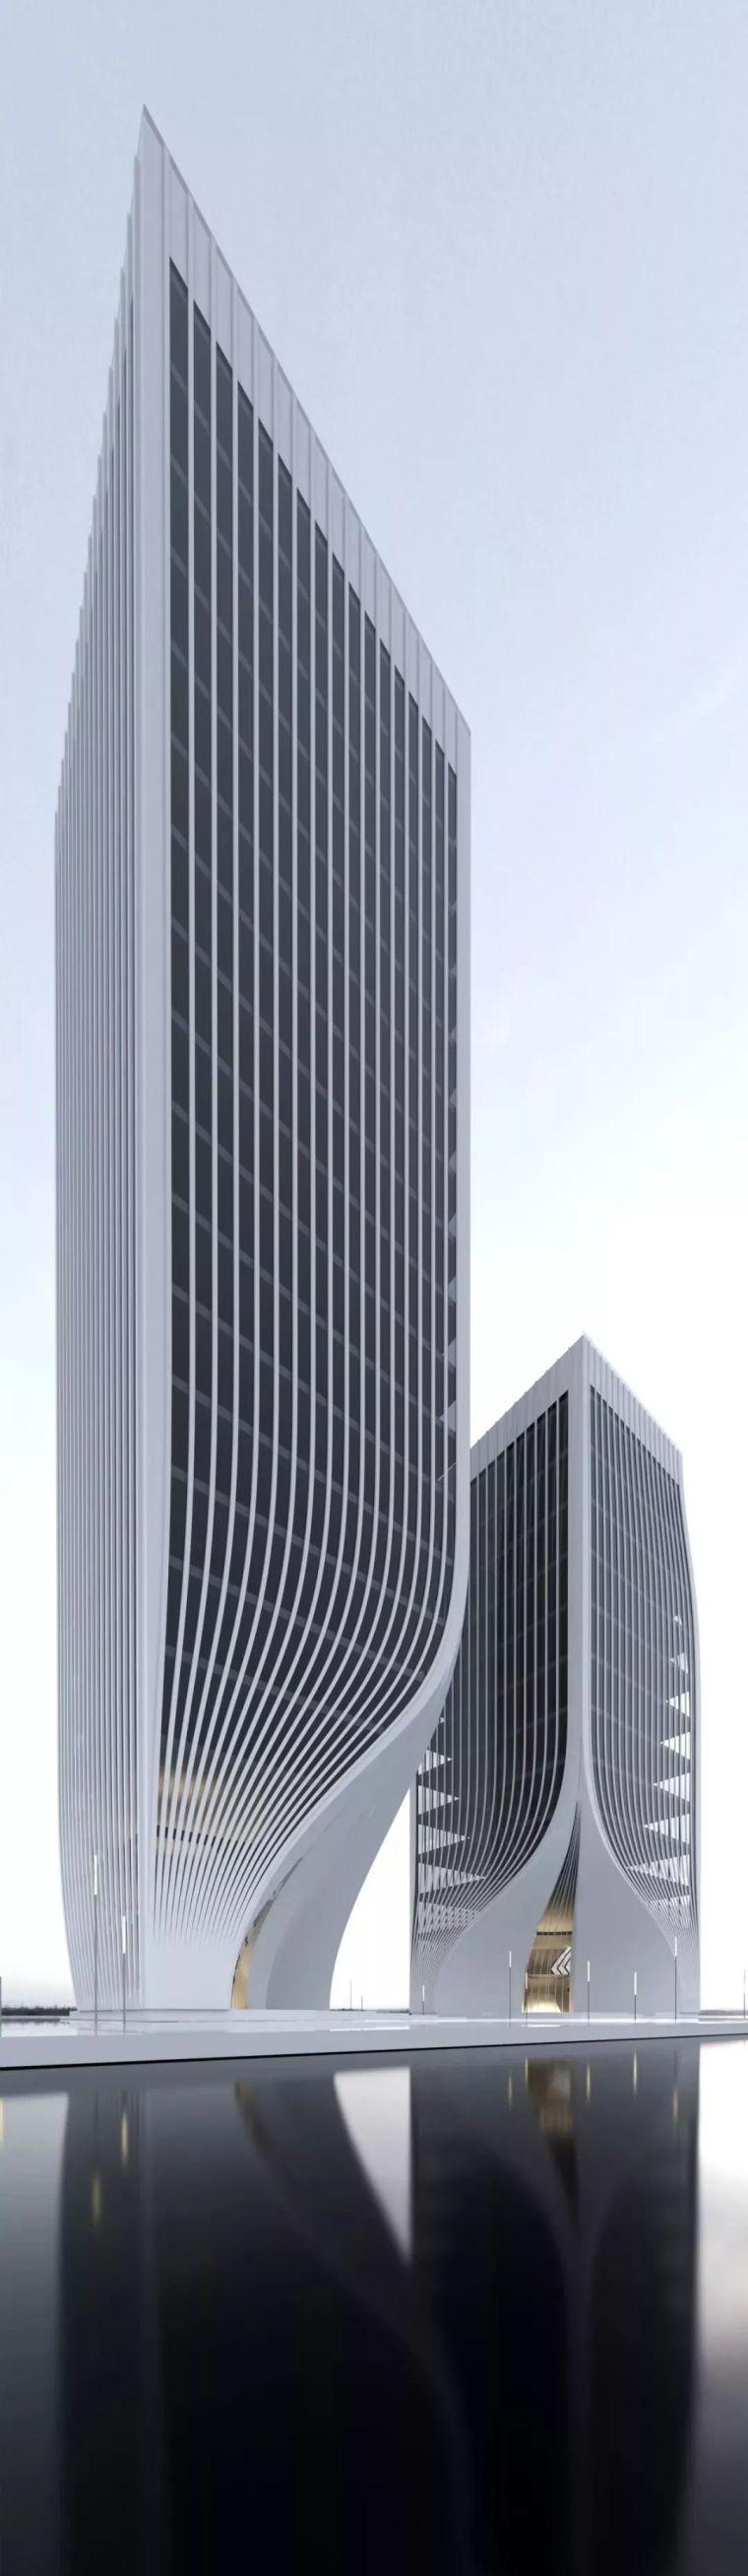 这些奇特的建筑设计,有点撩人_11